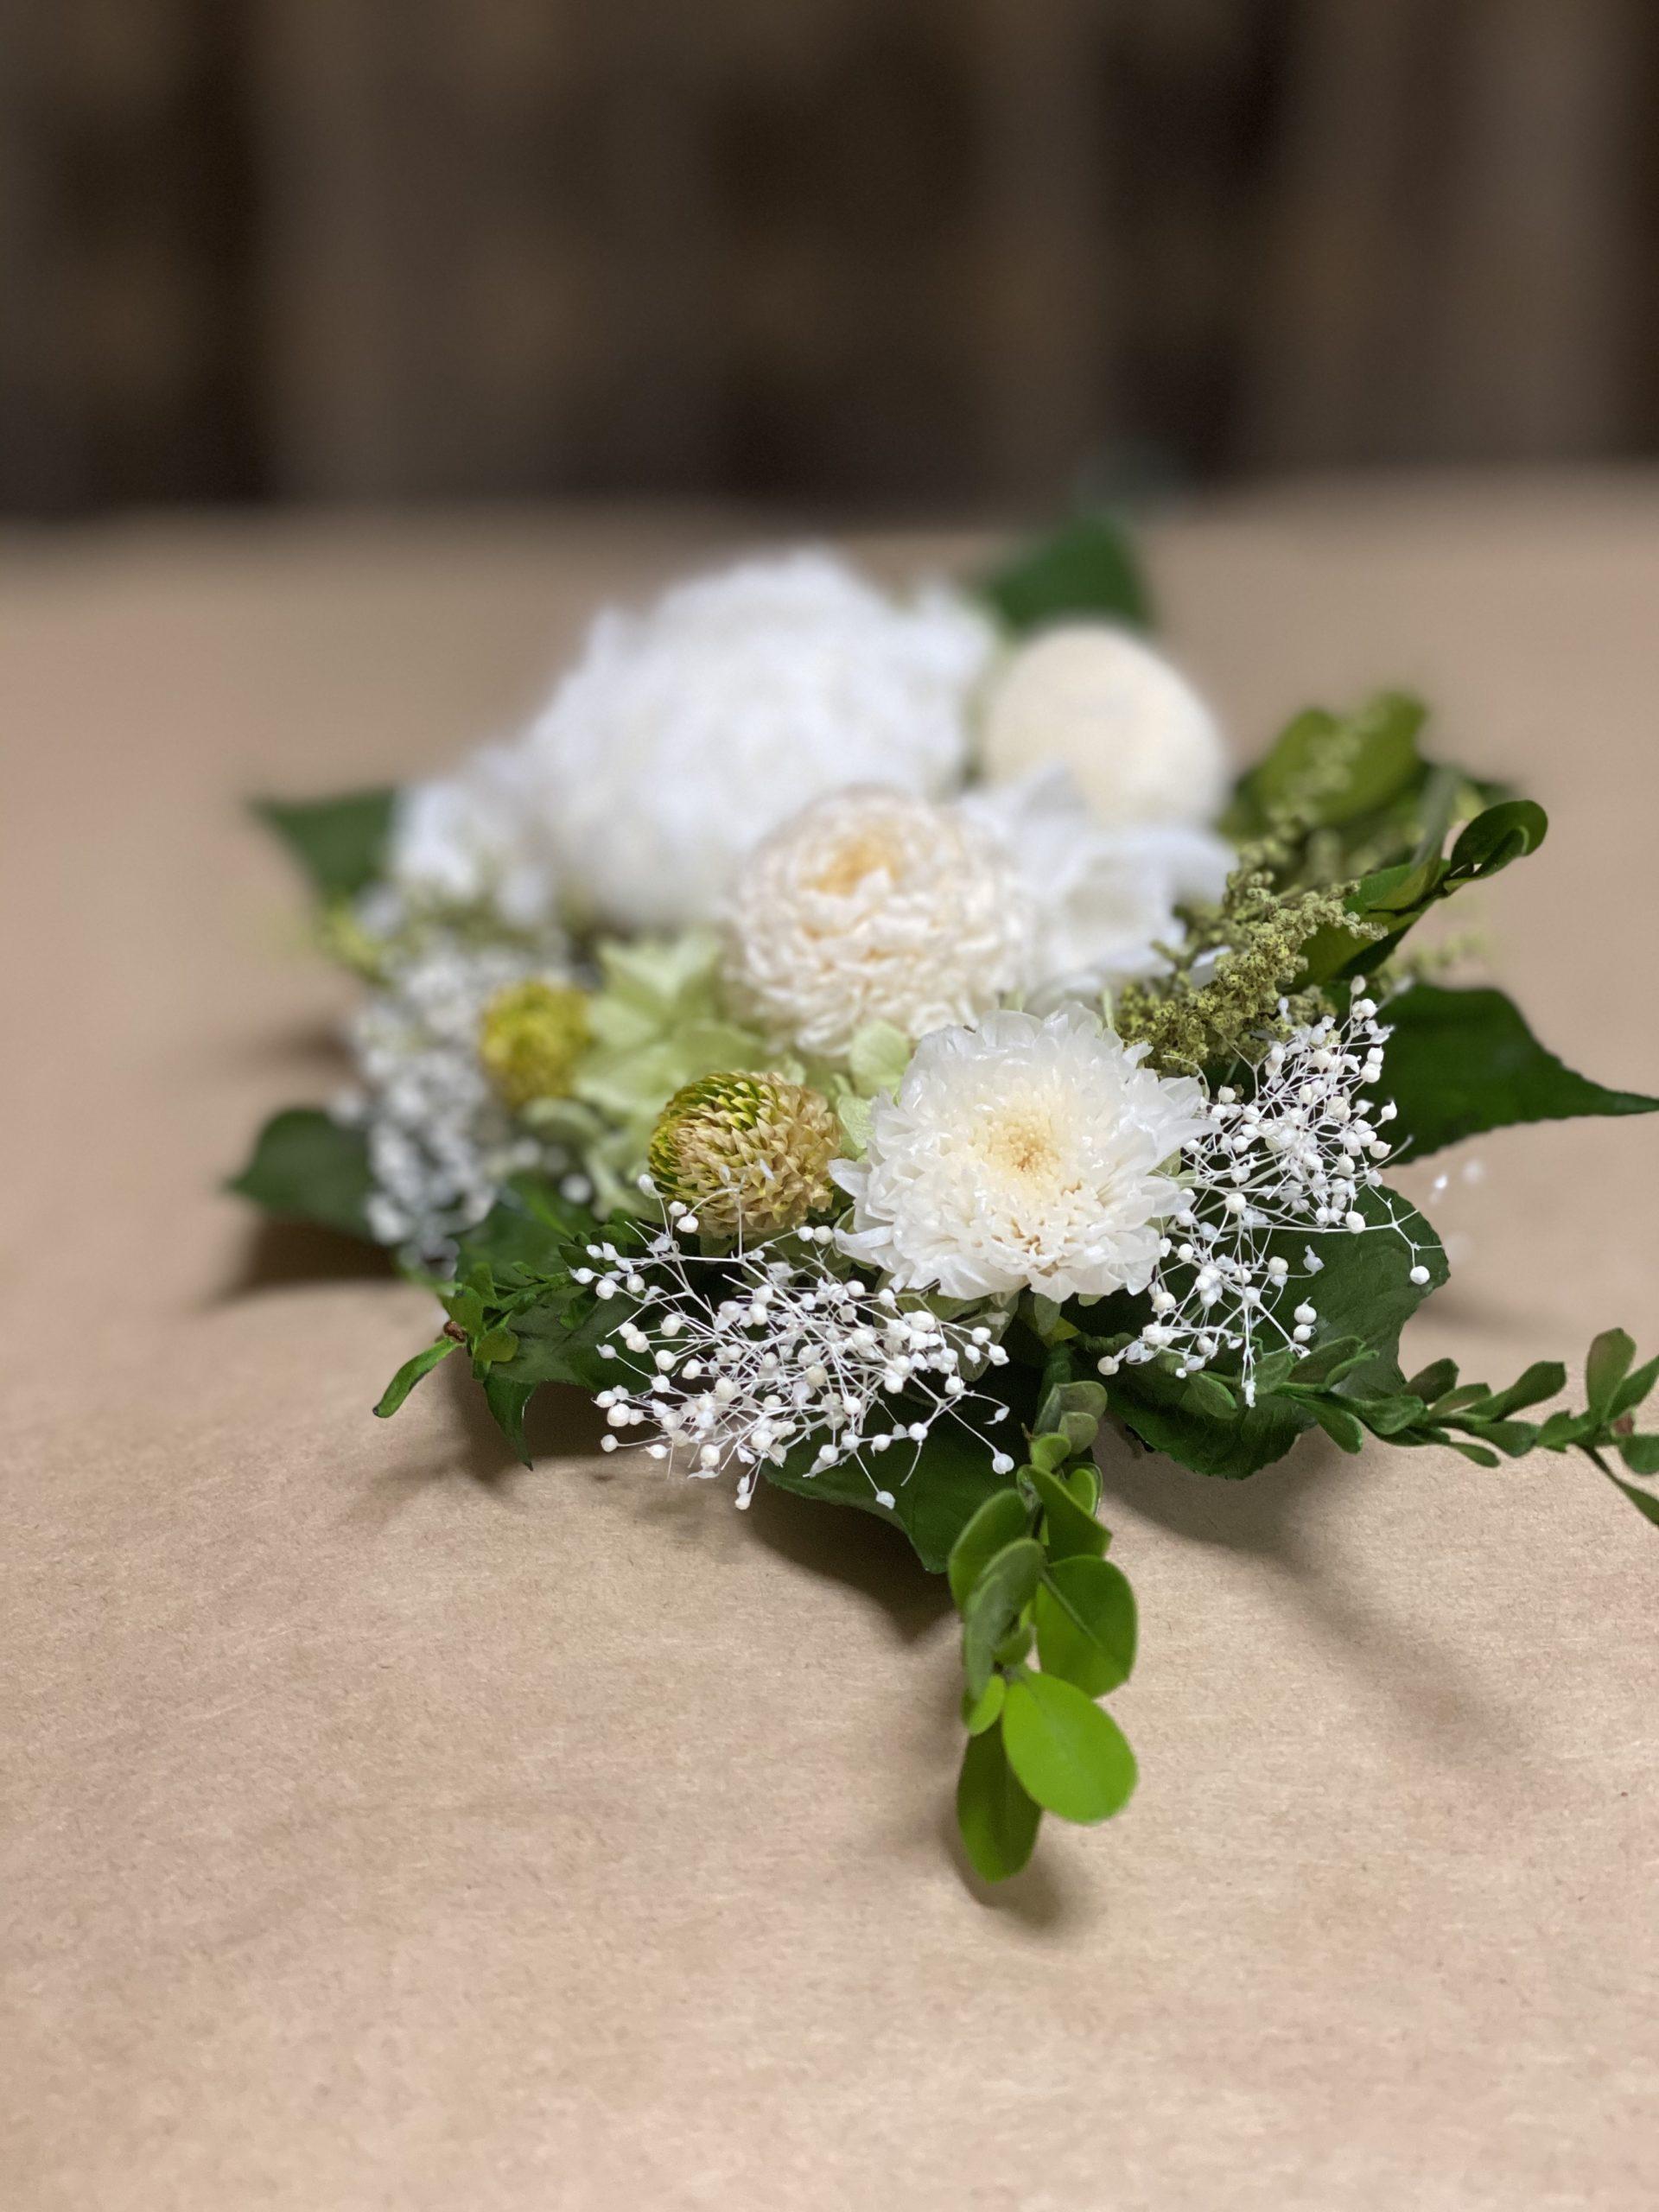 白いお花のプリザーブド仏花